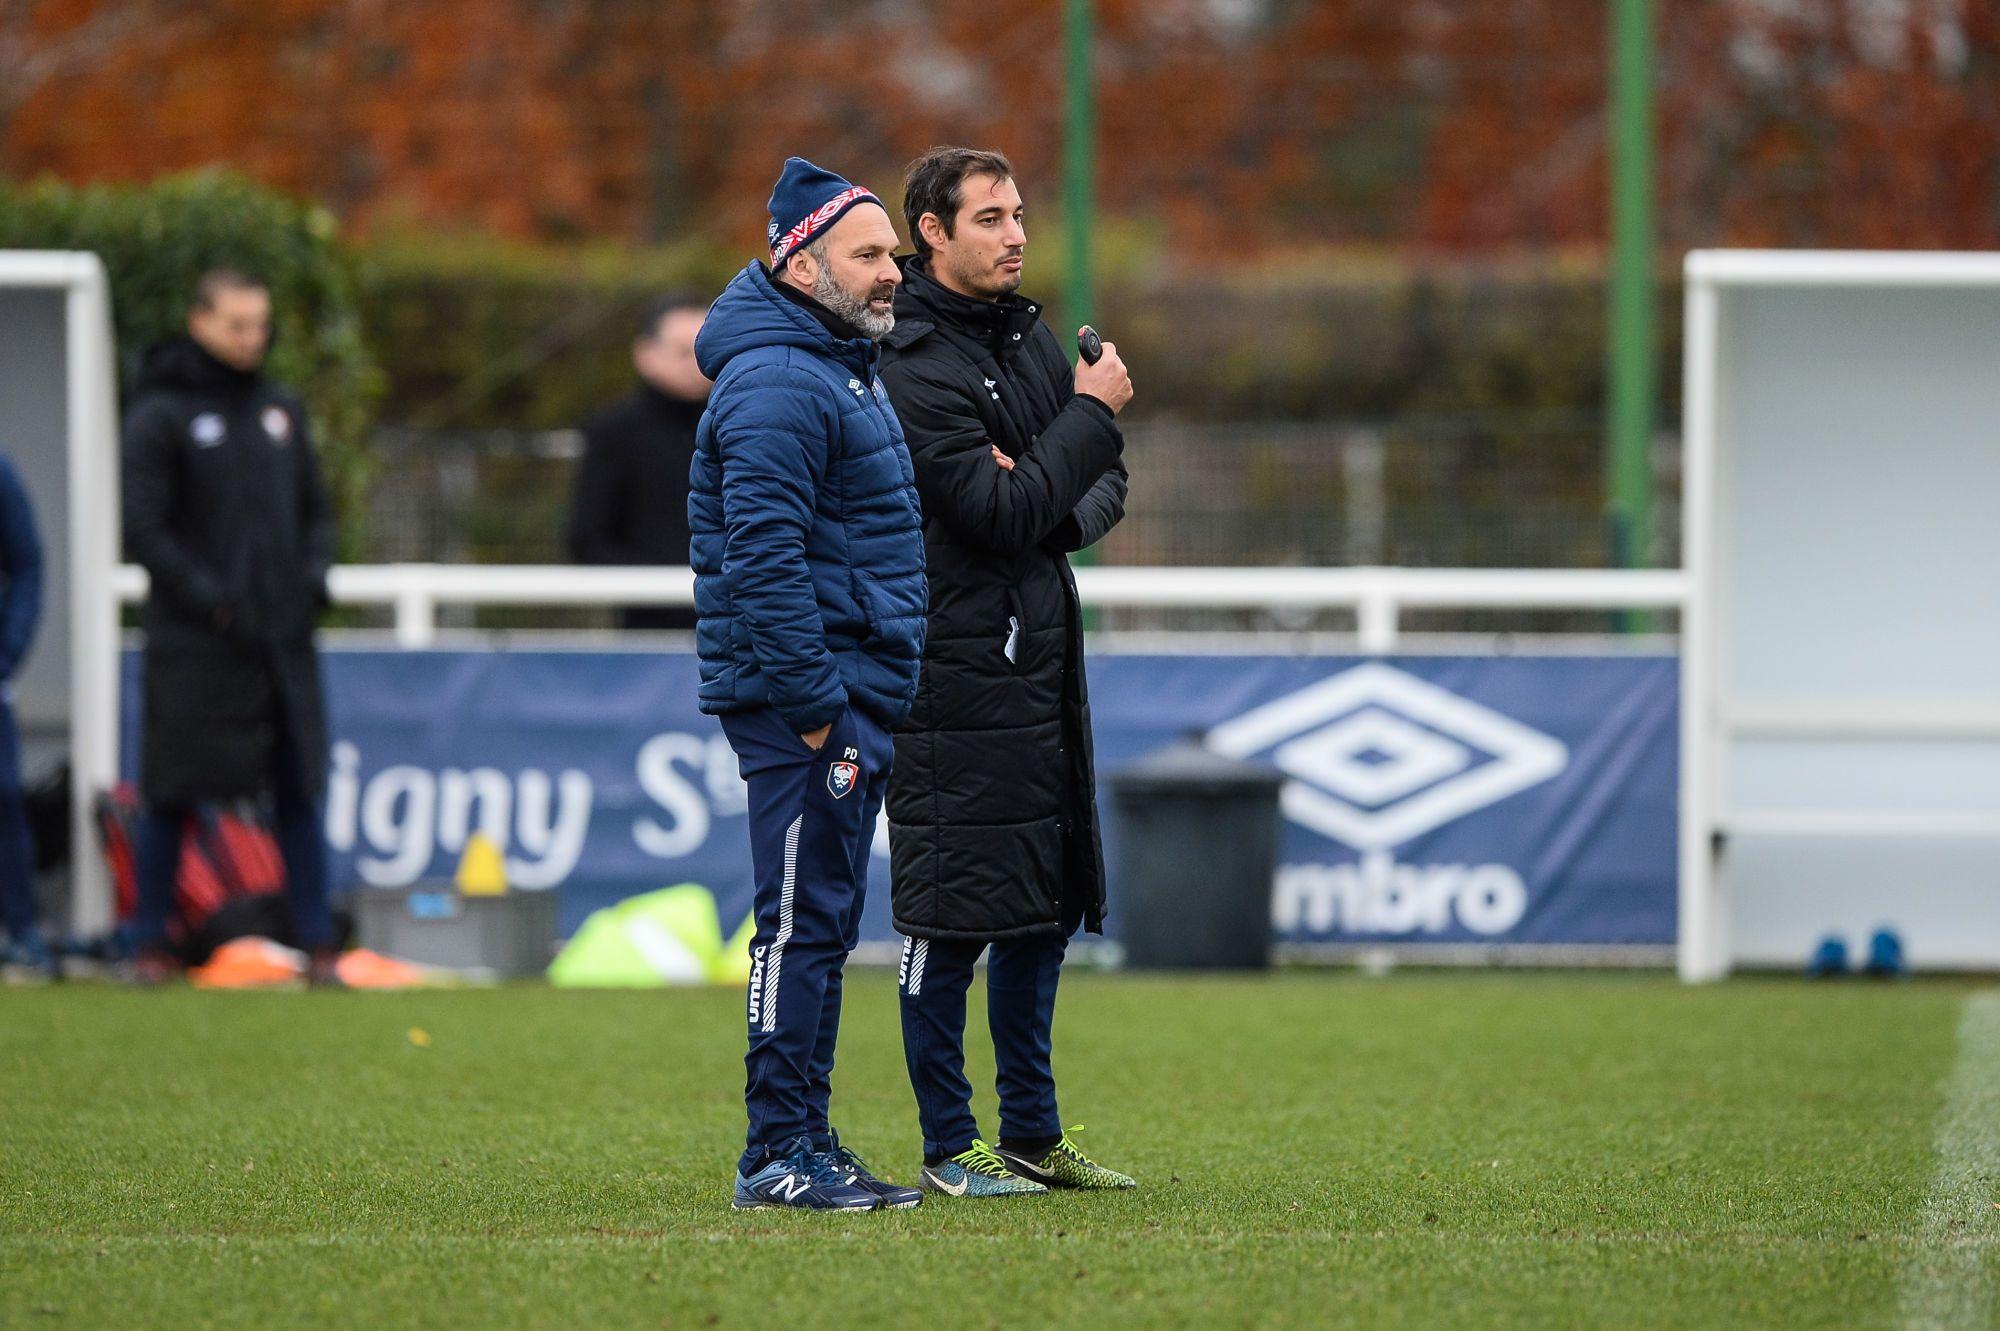 Nicolas Seube : « Passer à côté d'un joueur est une éventualité » (France Bleu)